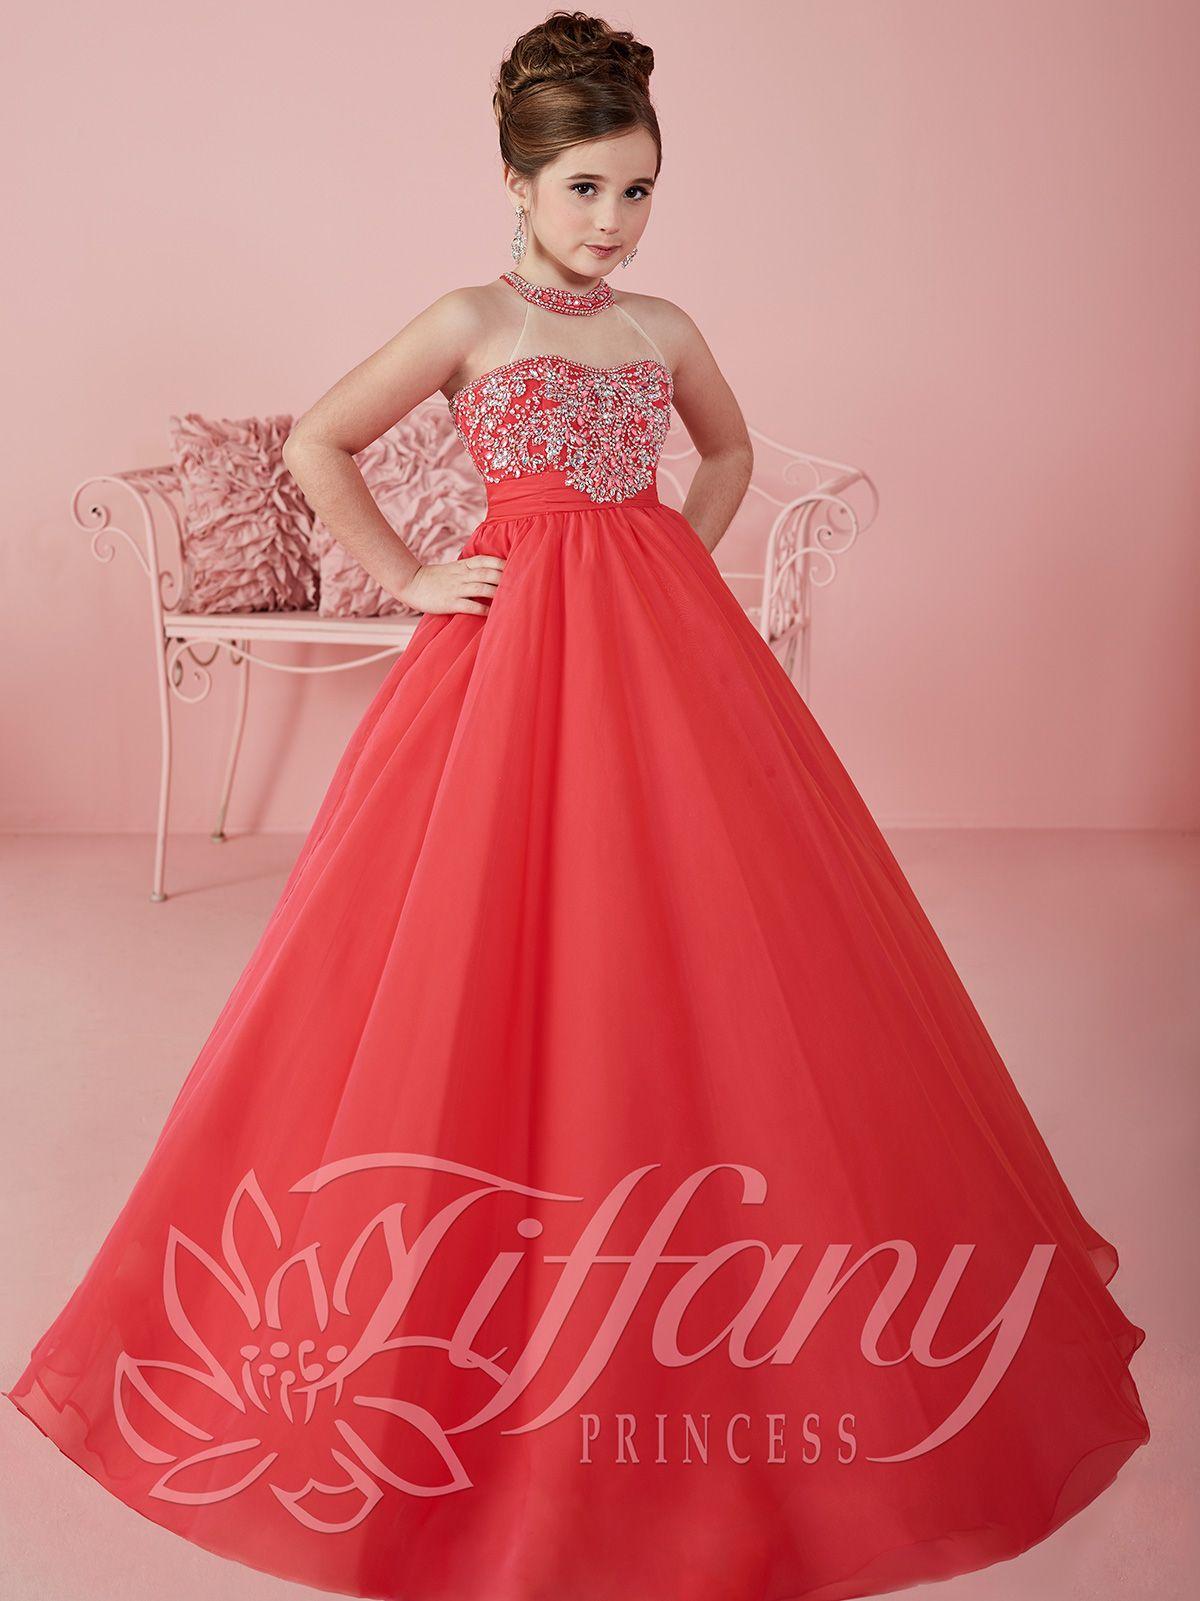 Tiffany princesa 13475 Halter una línea de gasa vestido del desfile ...